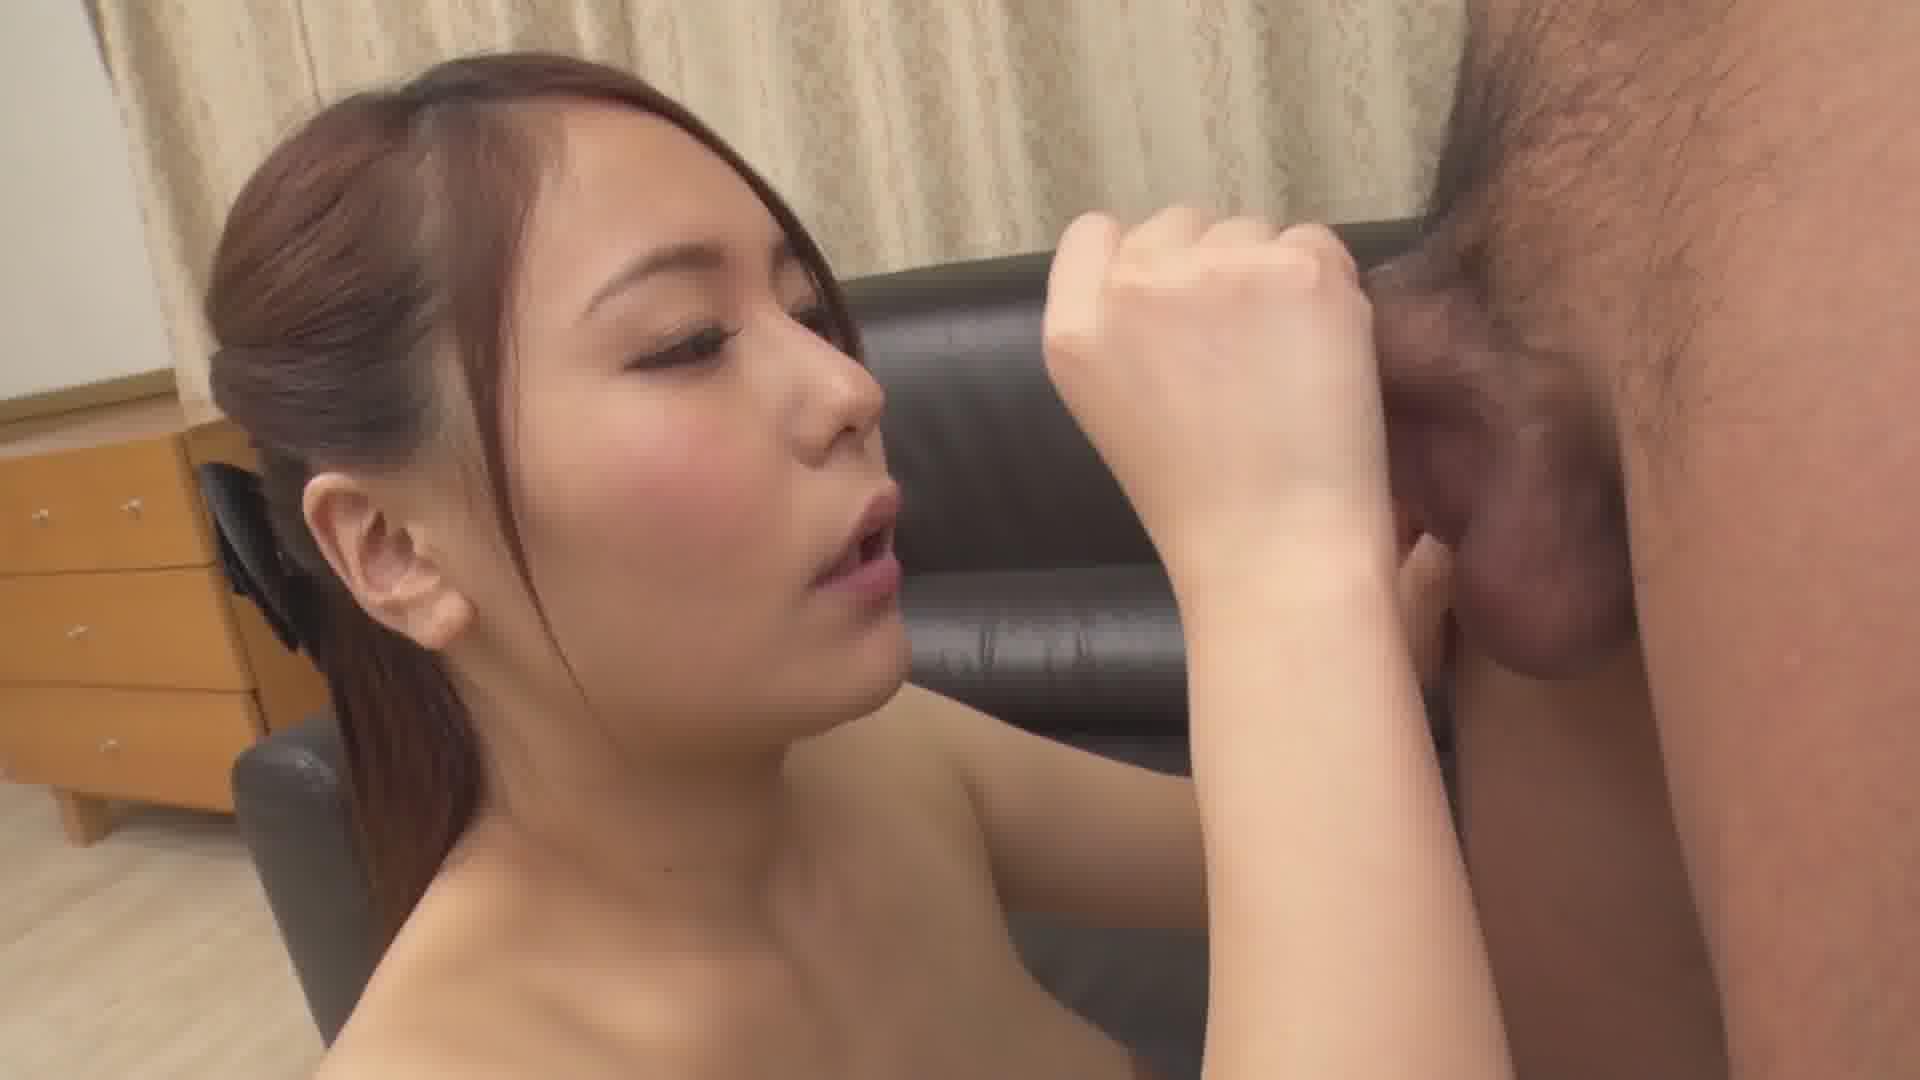 THE 未公開 ~顔射に興奮してオシッコしたくなっちゃった娘~ - いずみ美耶【放尿・ぶっかけ・顔射】